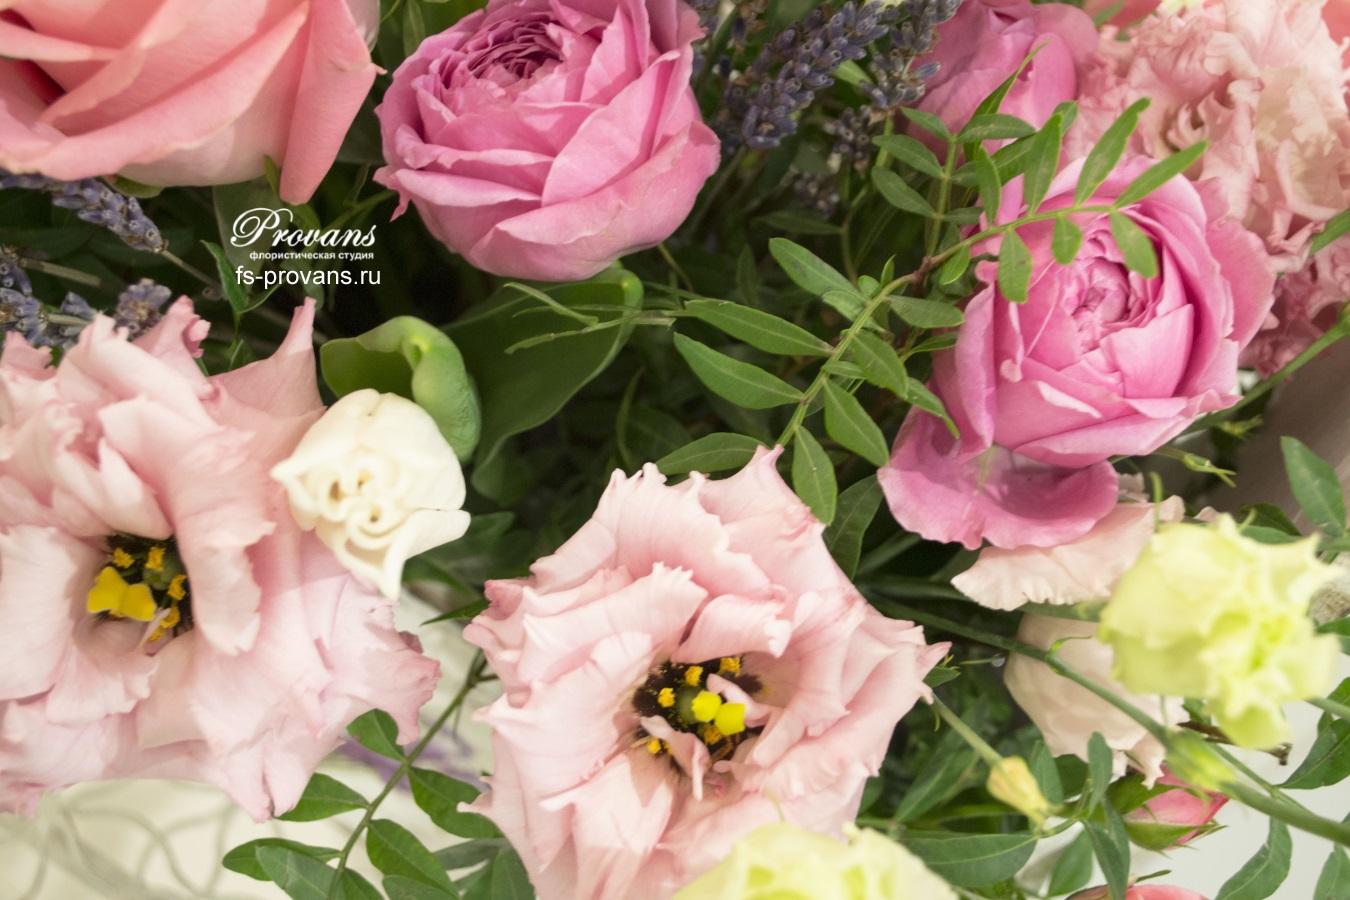 Композиция с цветами. Роза, эустома, лаванда